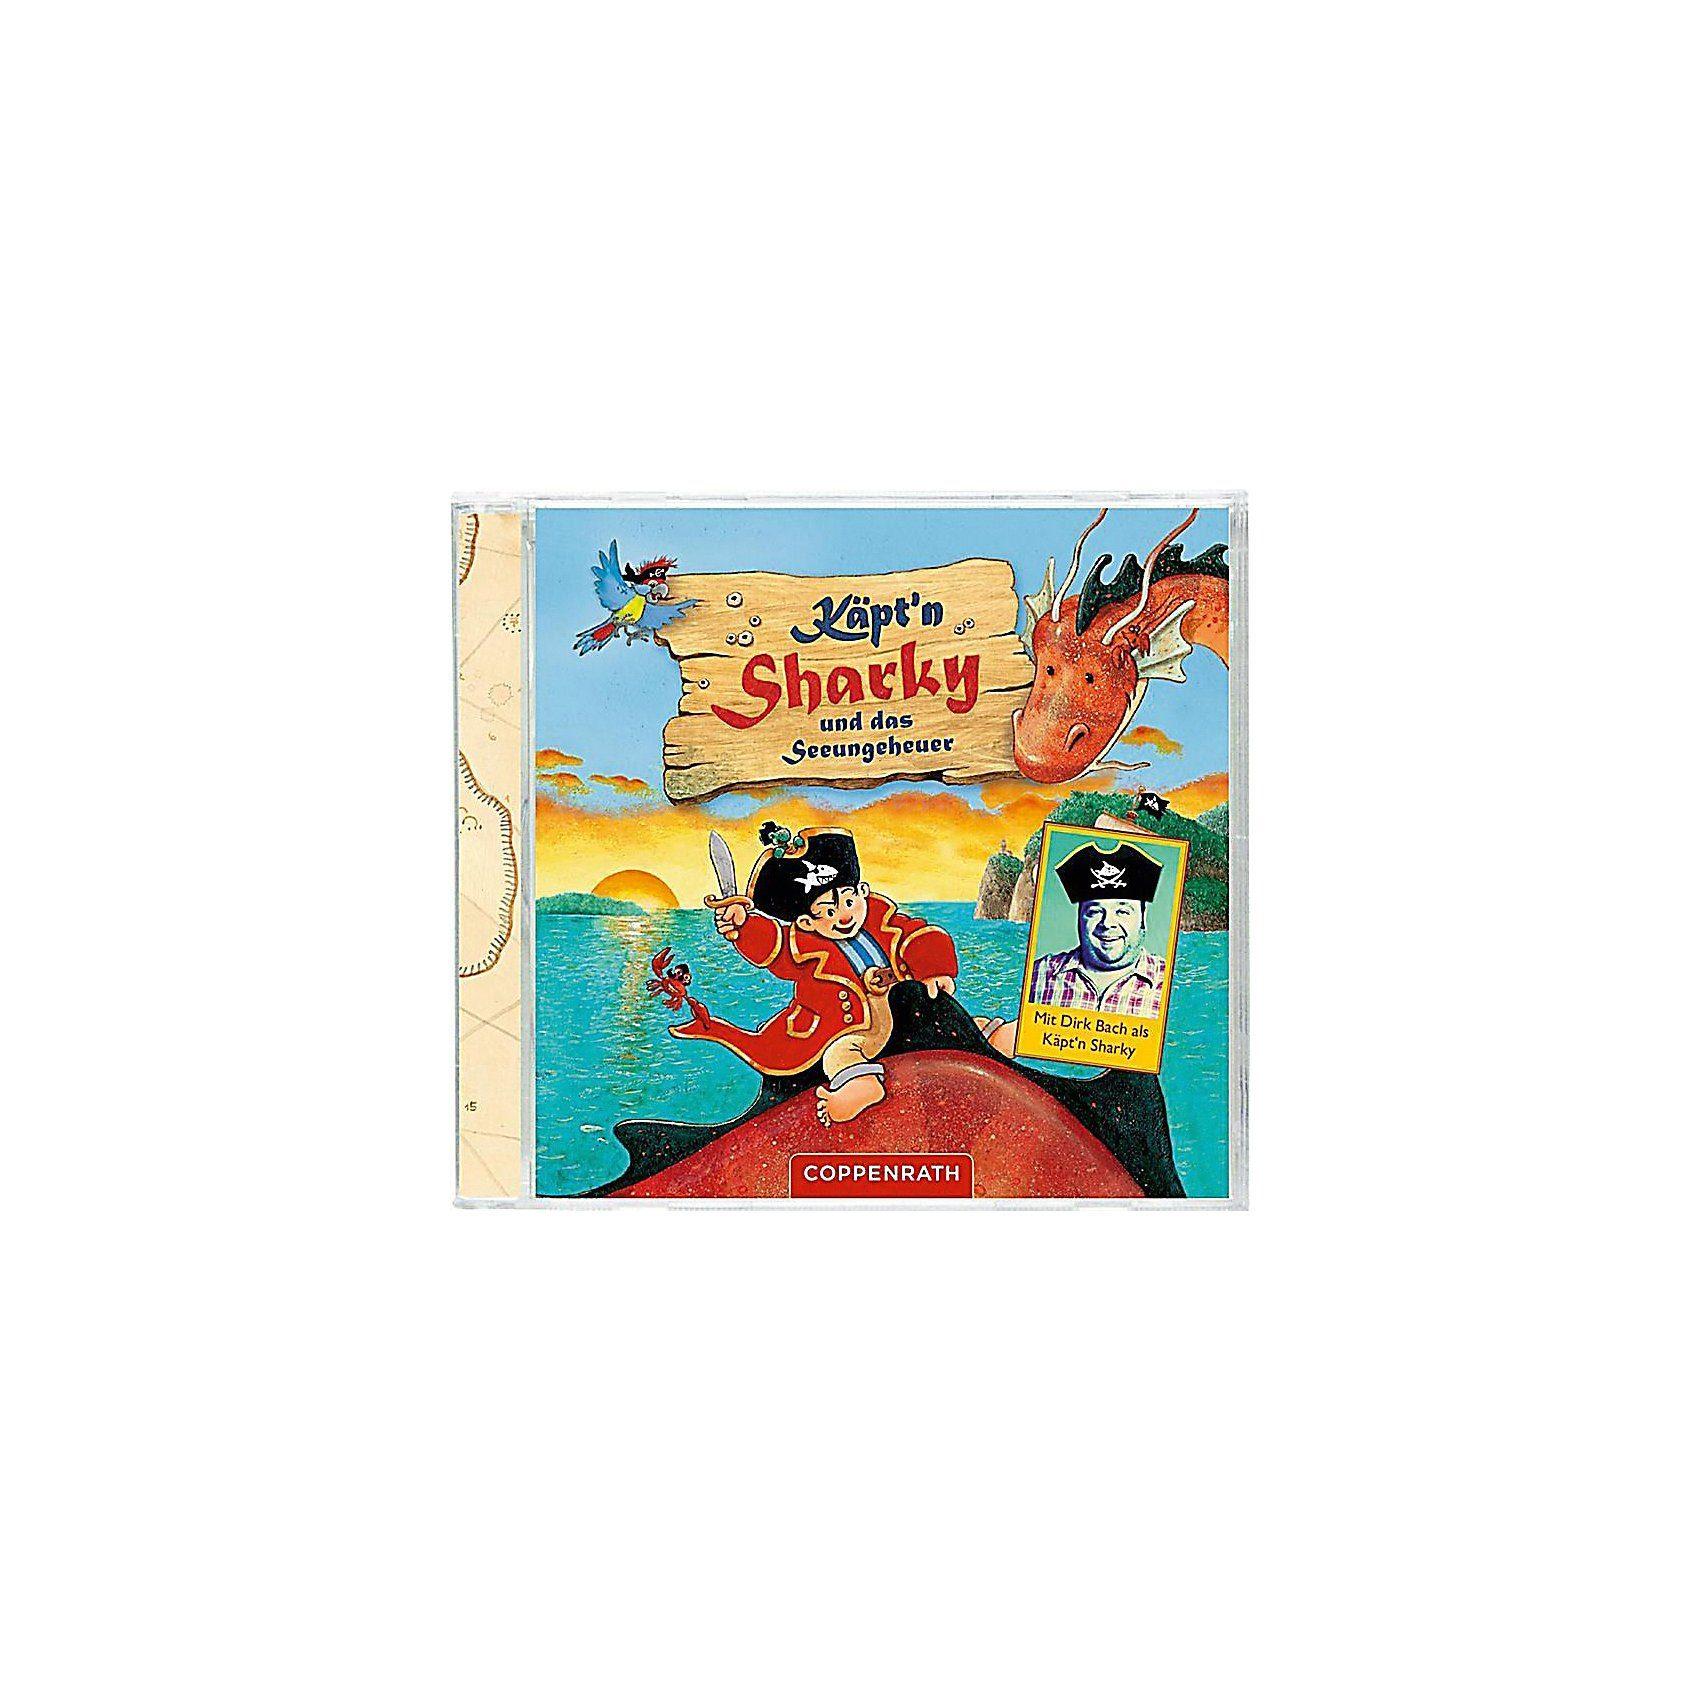 Sony CD Käpt'n Sharky - Und das Seeungeheuer